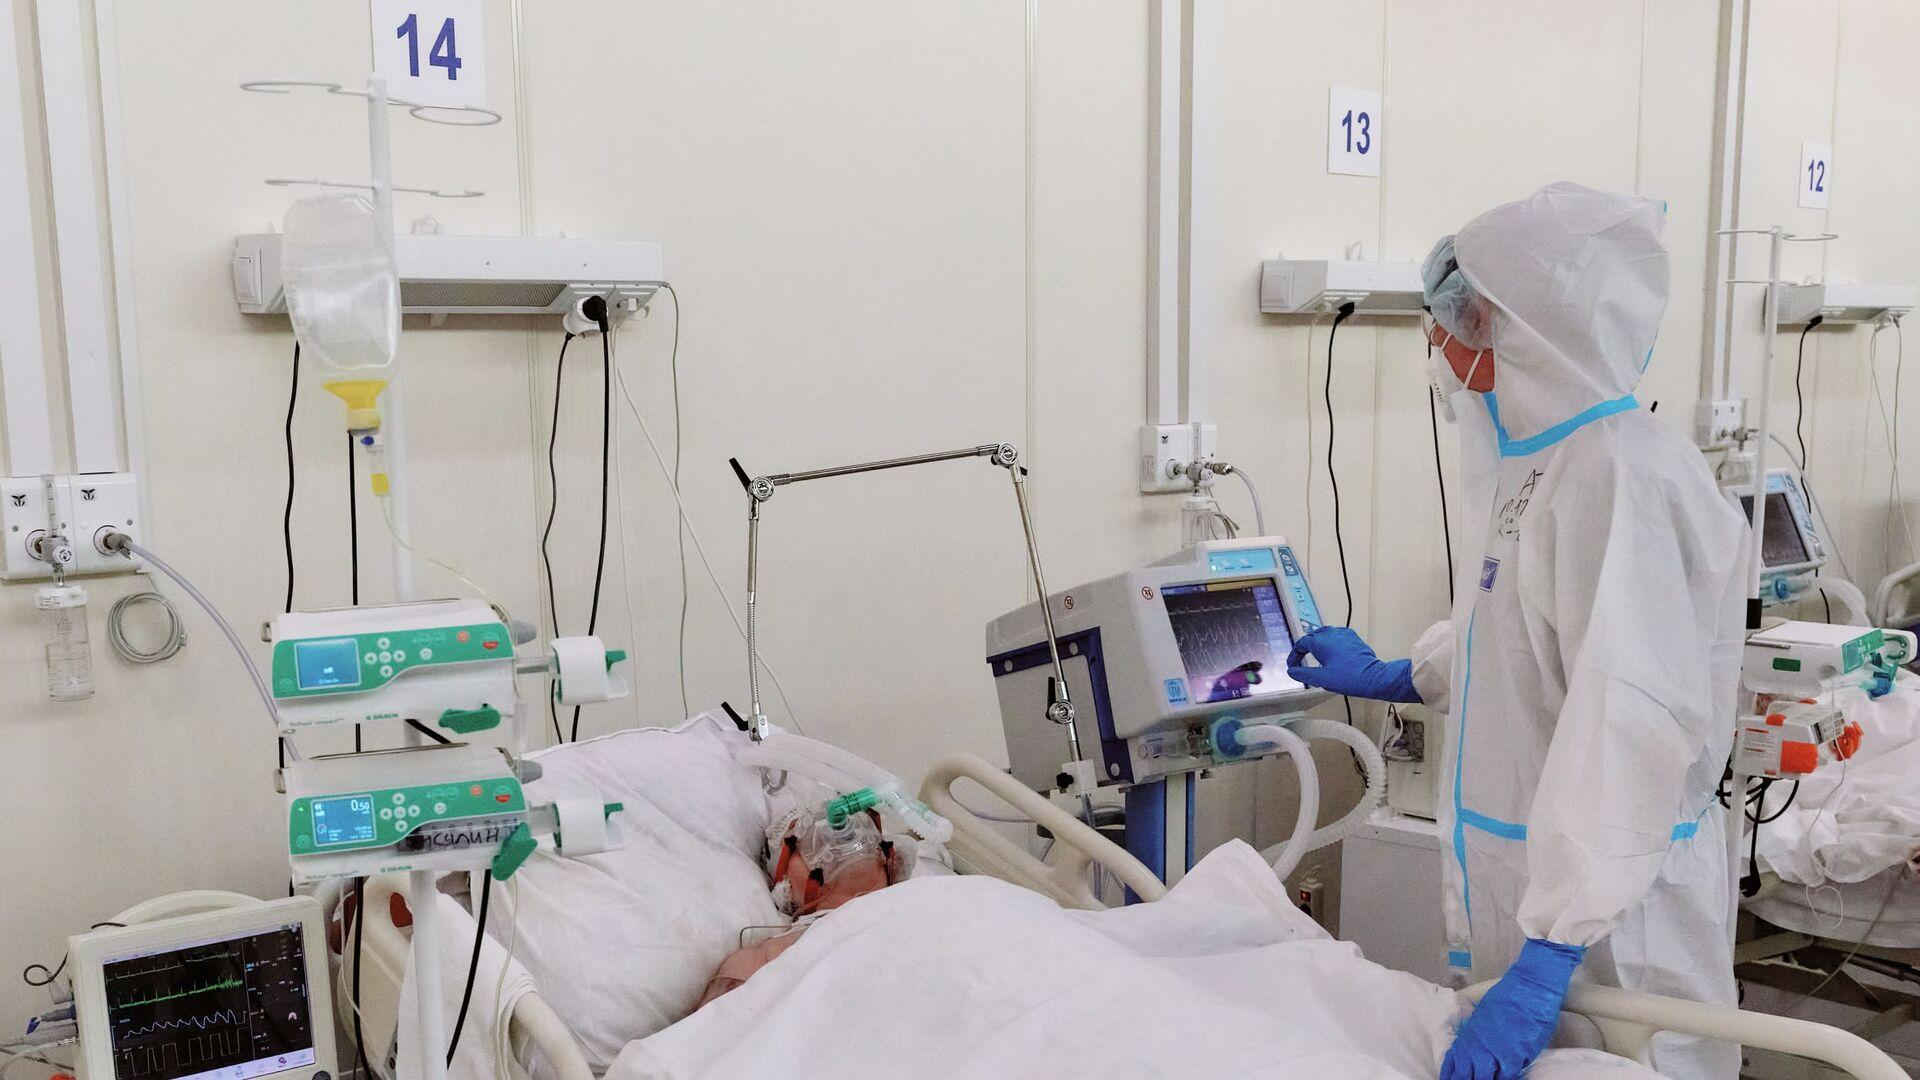 Медсестра у пациента в реанимационном блоке во временном госпитале для больных COVID-19 - Sputnik Латвия, 1920, 22.09.2021